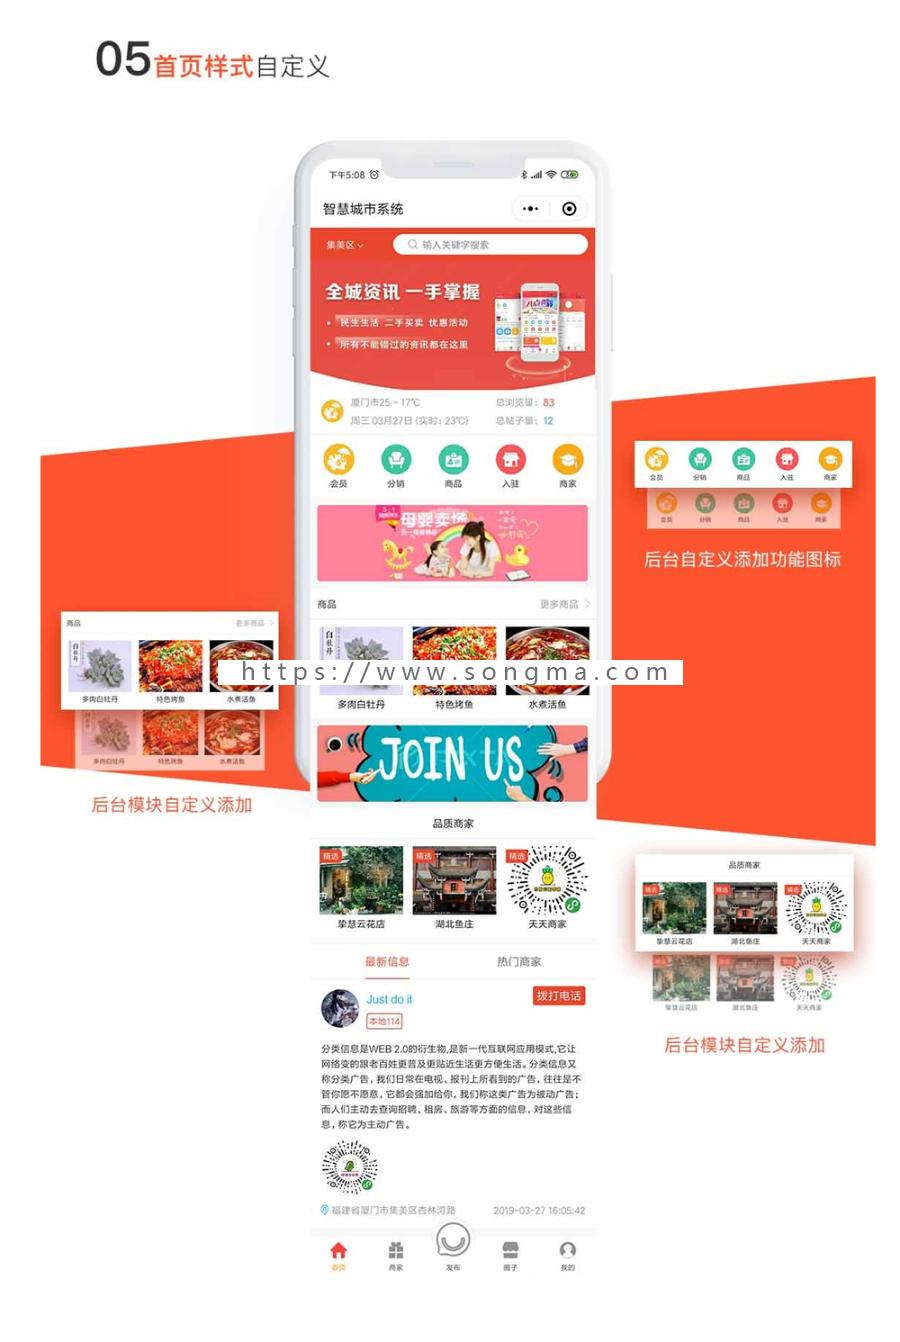 柚子智慧同城 v1.1.0 小程序 同城 会员卡 多商家活动平台 模块